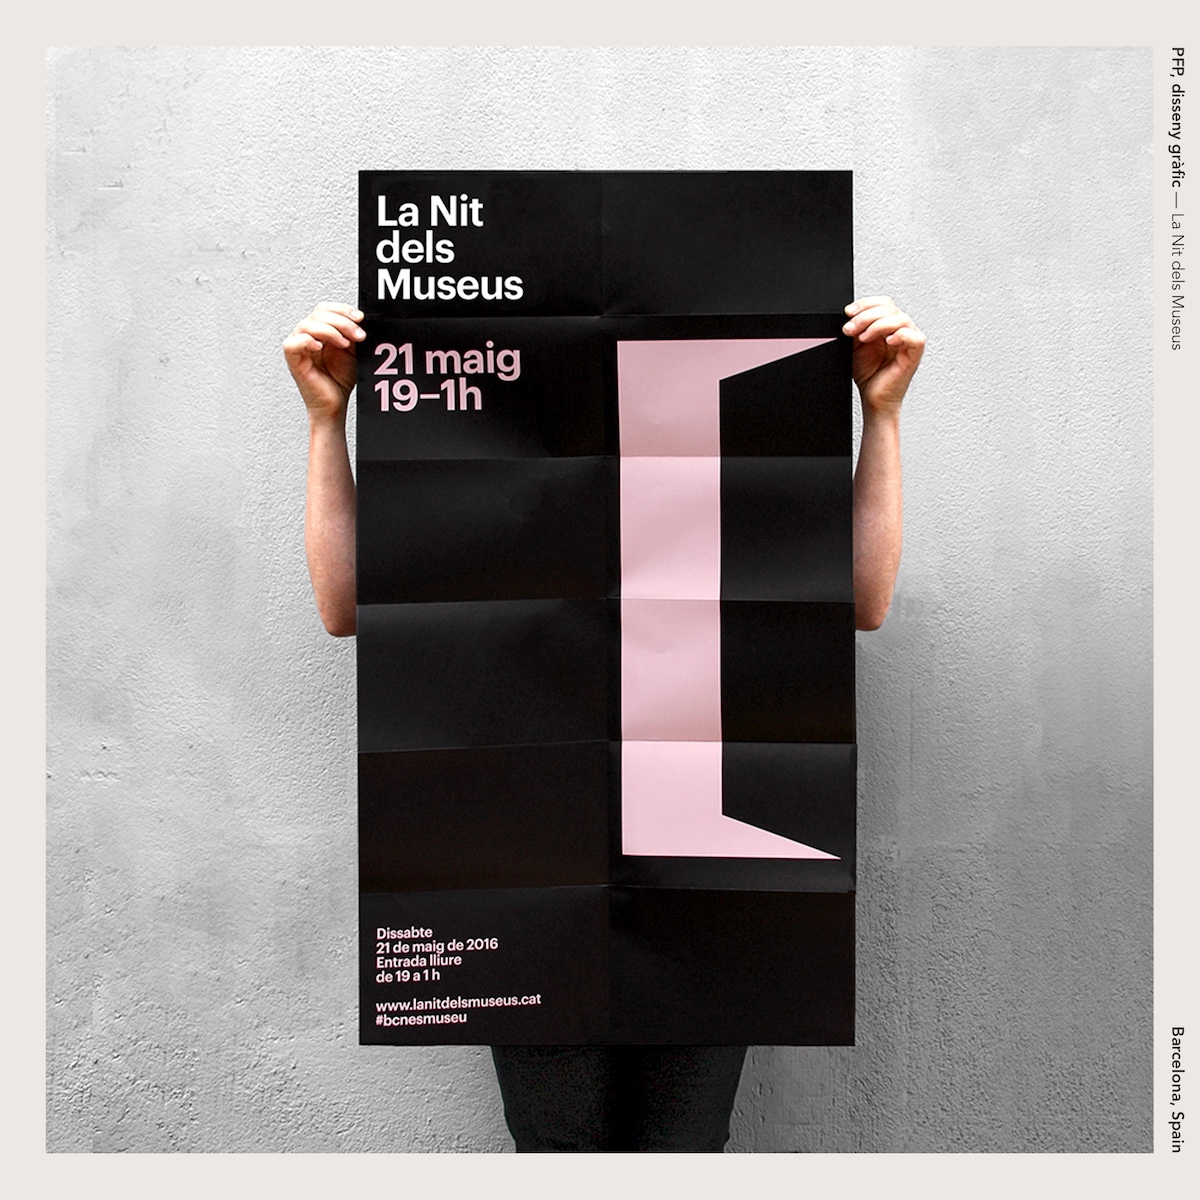 PFP, disseny gràfic —La Nit dels Museus